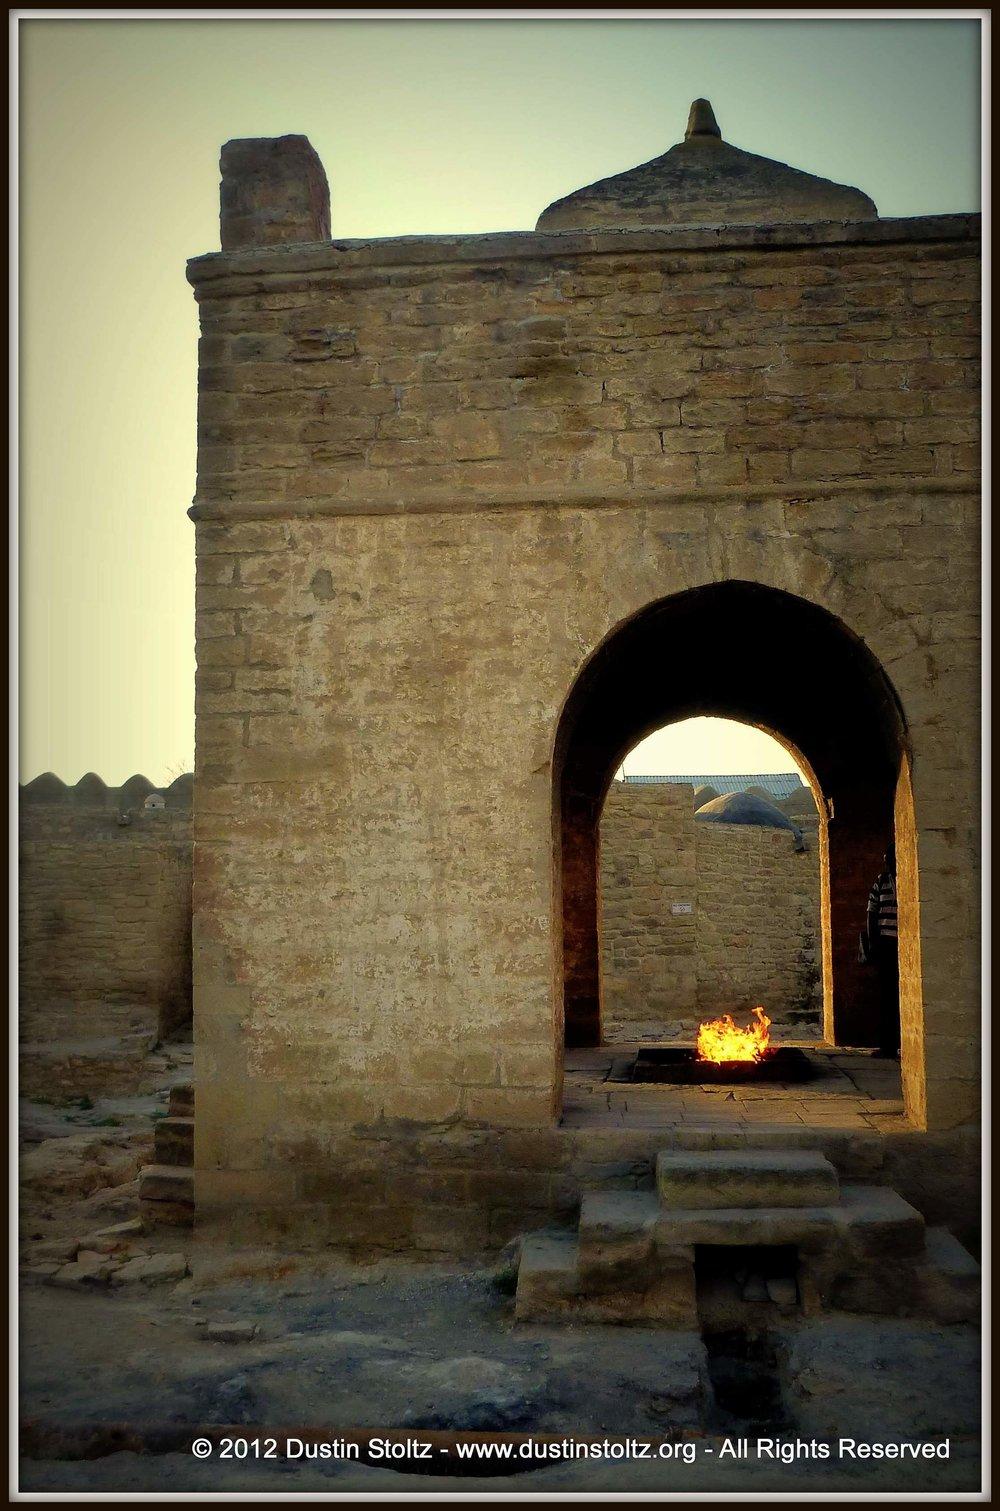 Baku Ateshgah